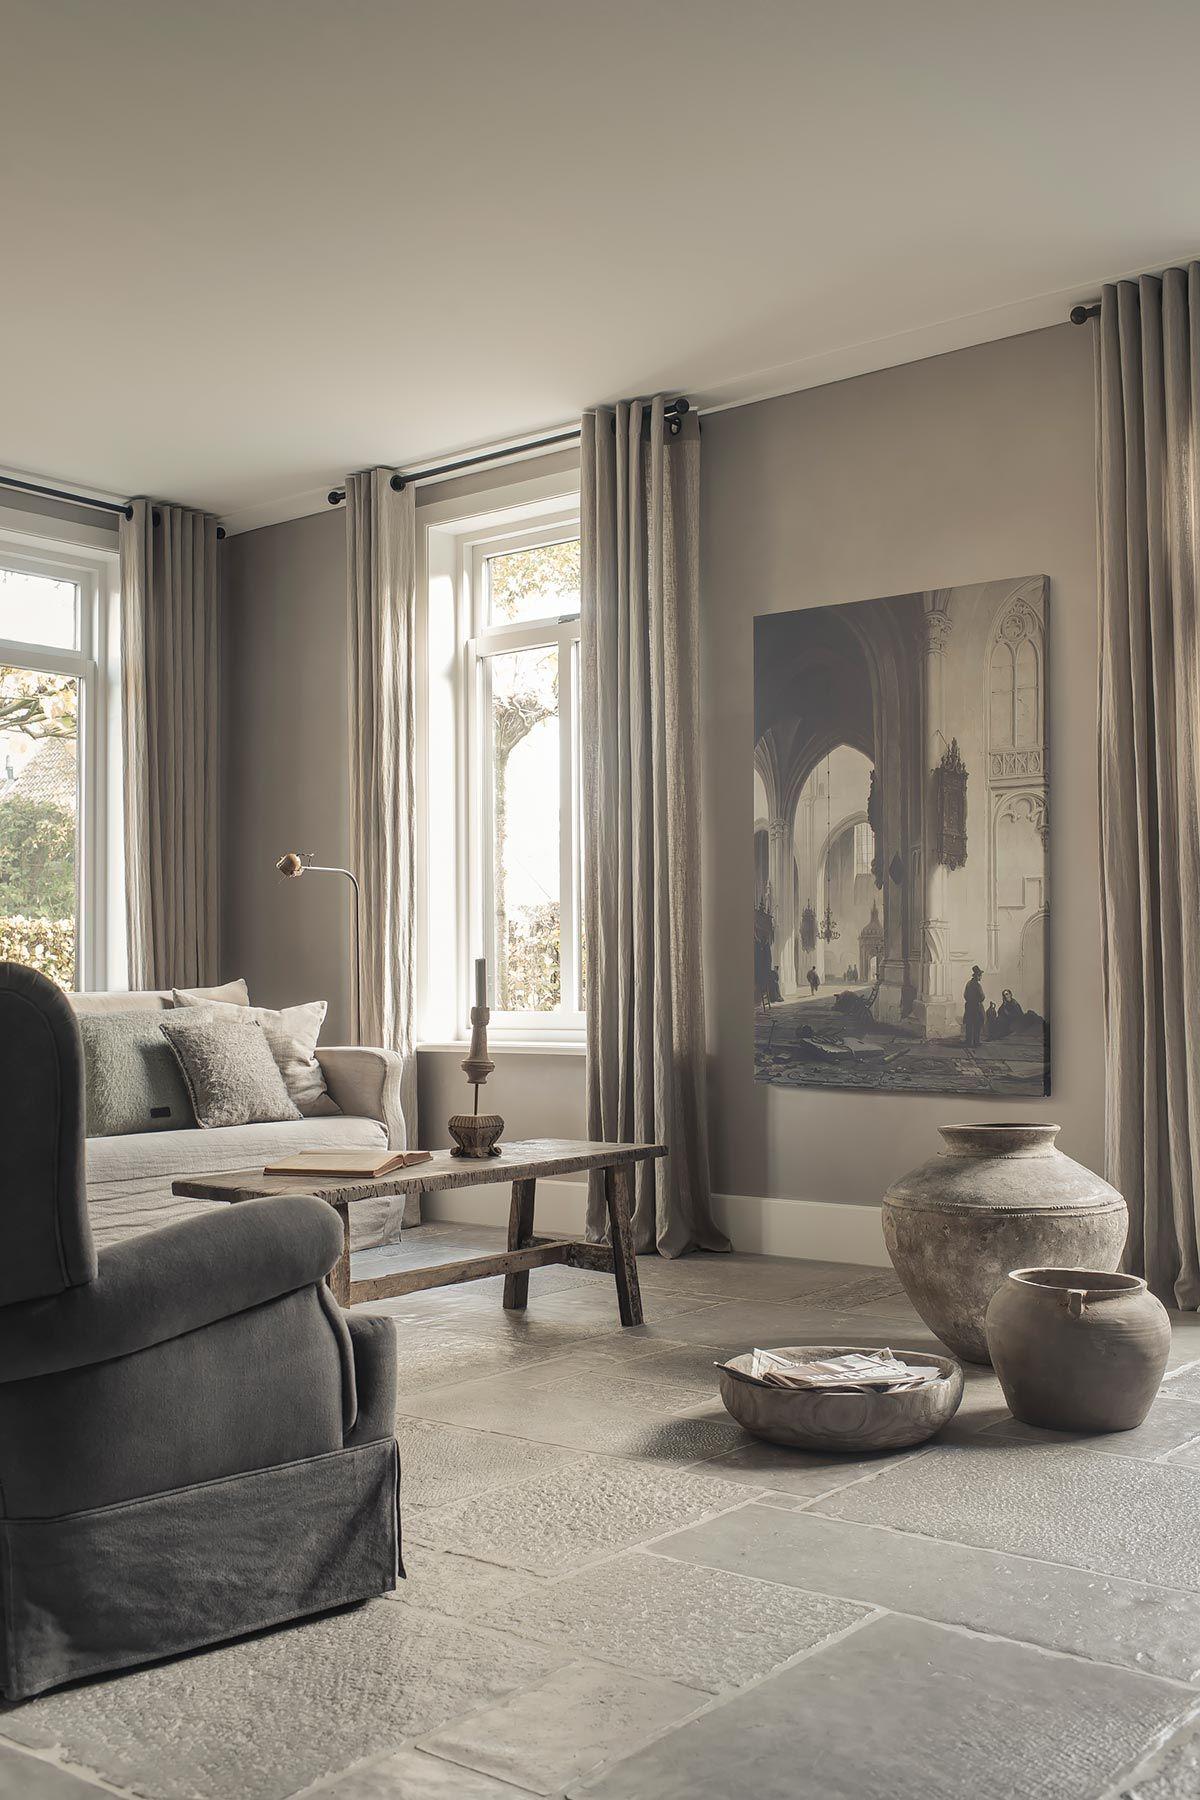 Hoffz stijl interieur inrichting huis pinterest for Eclectische stijl interieur